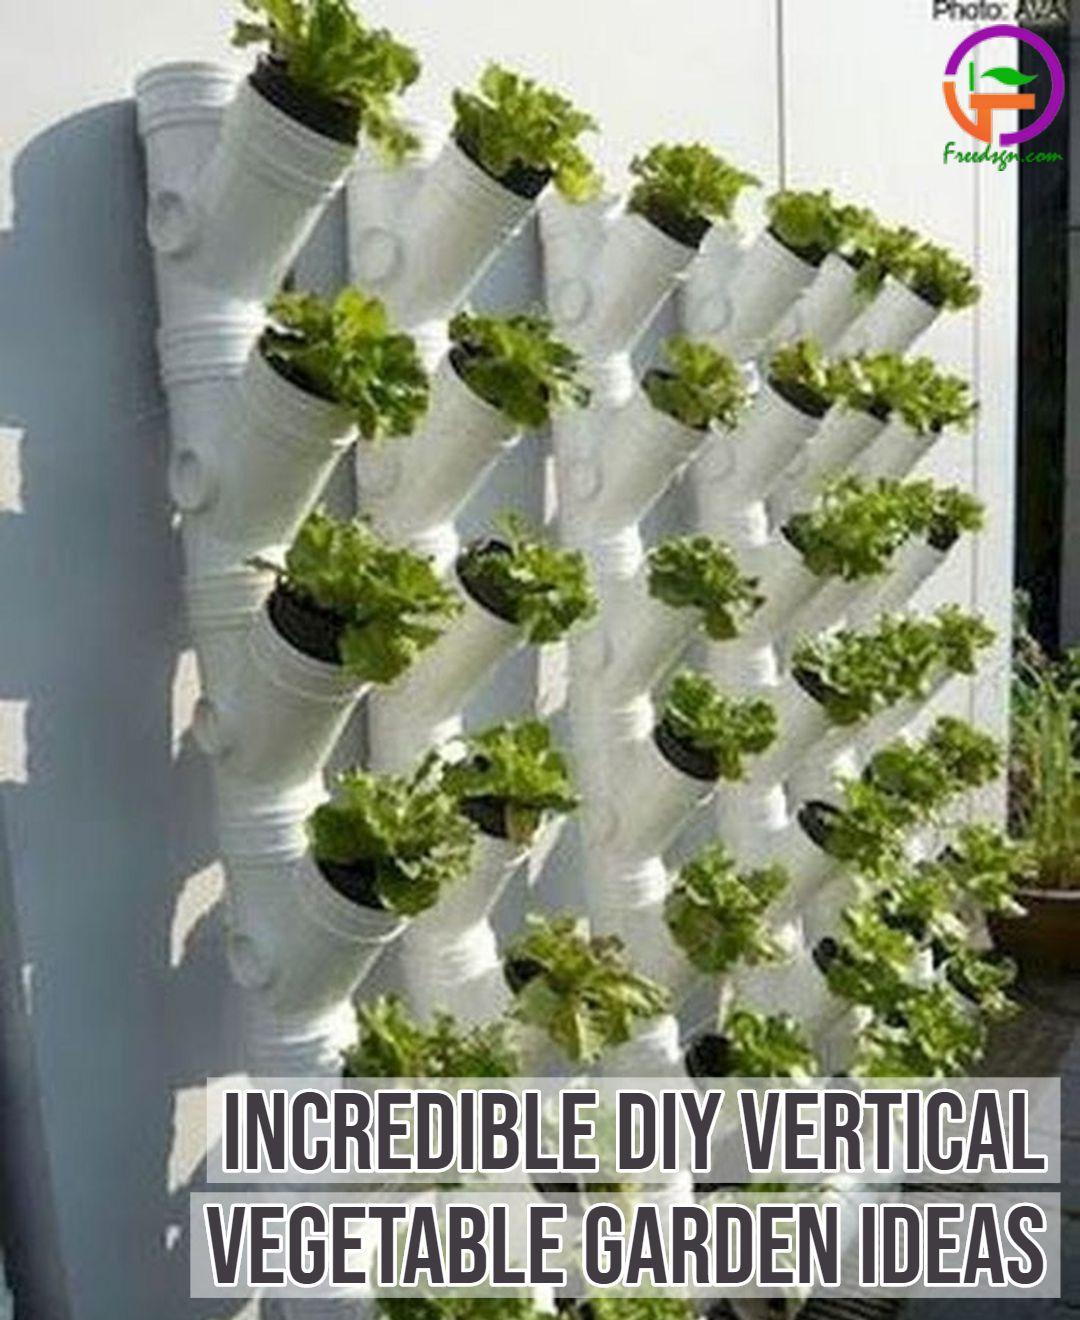 15 Incredible Diy Vertical Vegetable Garden Ideas For Small Backyard Vertical Garden Diy Vertical Garden Design Vertical Vegetable Gardens Backyard vegetable garden ideas diy